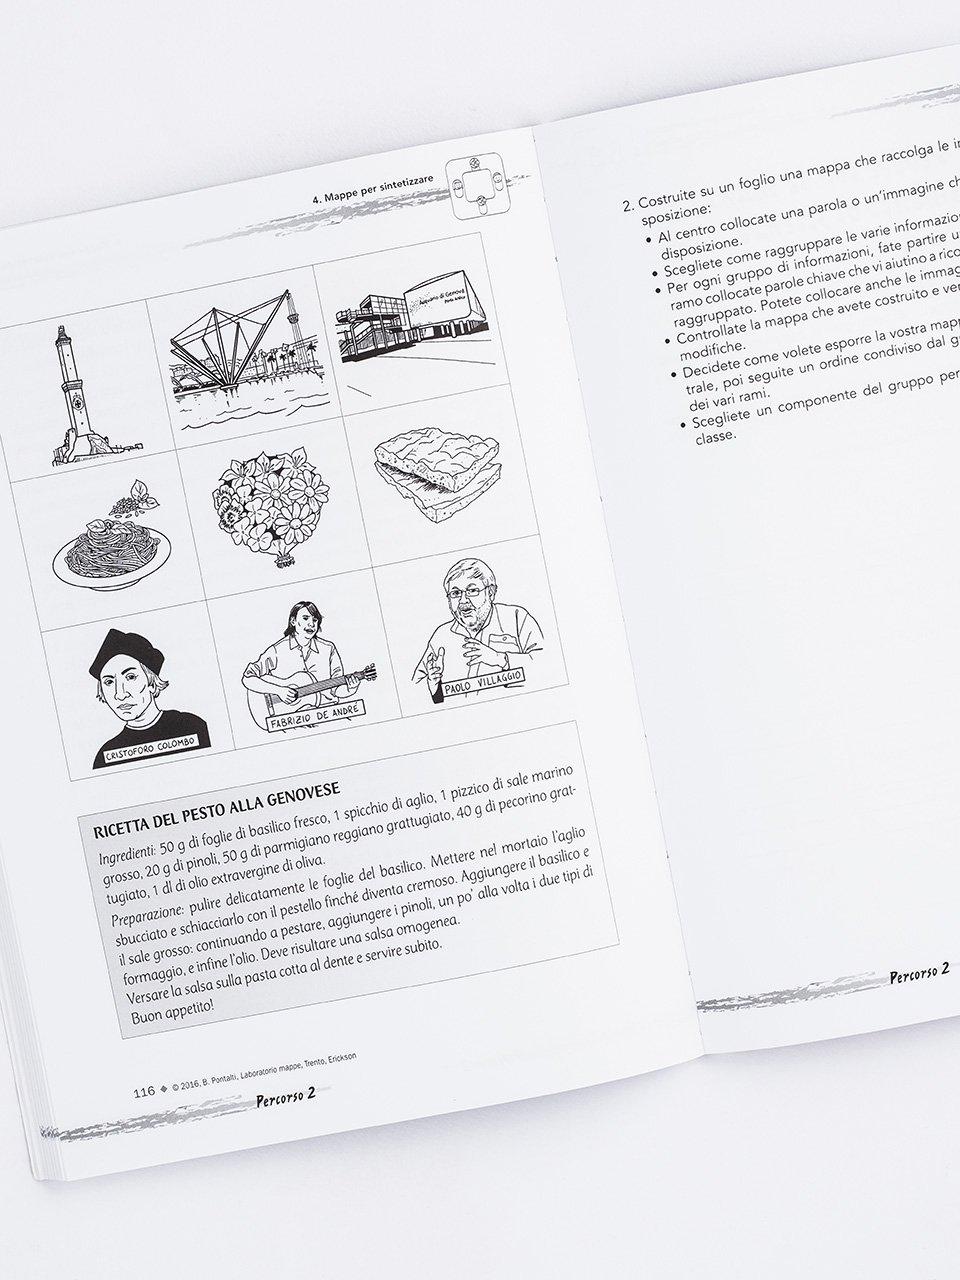 Laboratorio mappe - Libri - Erickson 2